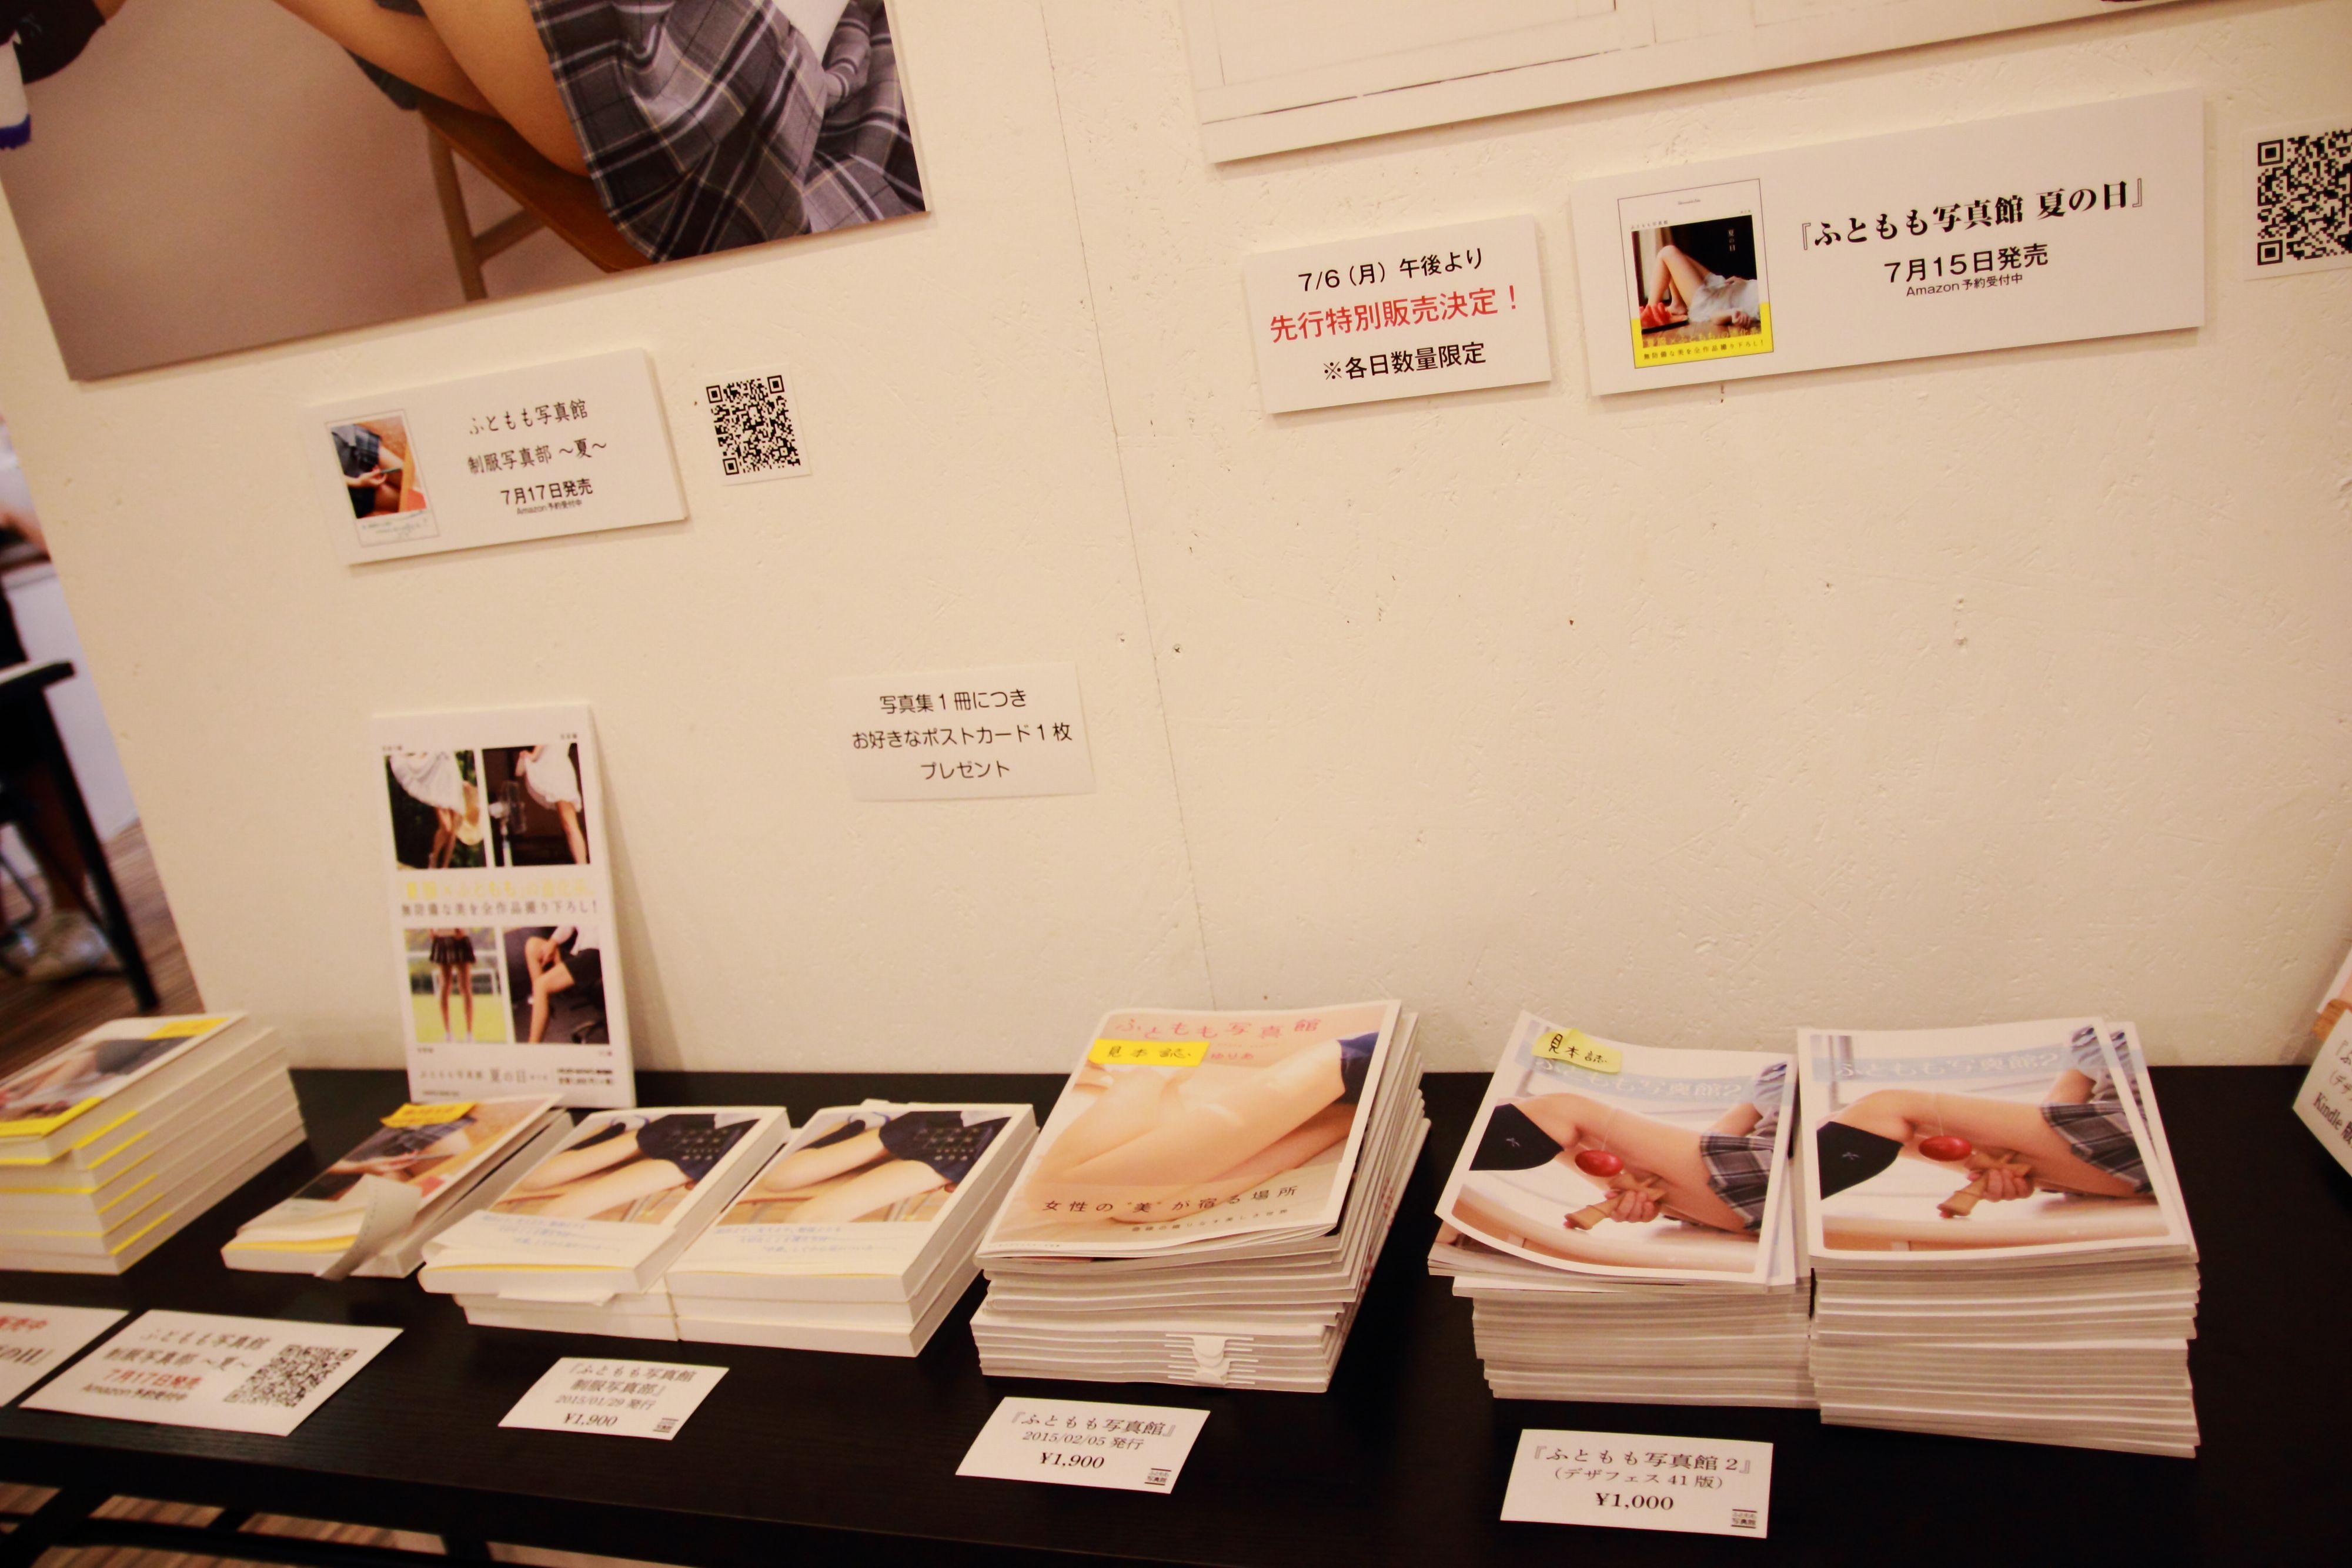 曖昧☆ふともも写真館@浅草橋TODAYS GALLERY STUDIO~ふとももの魅力をアートとして表現する写真展~